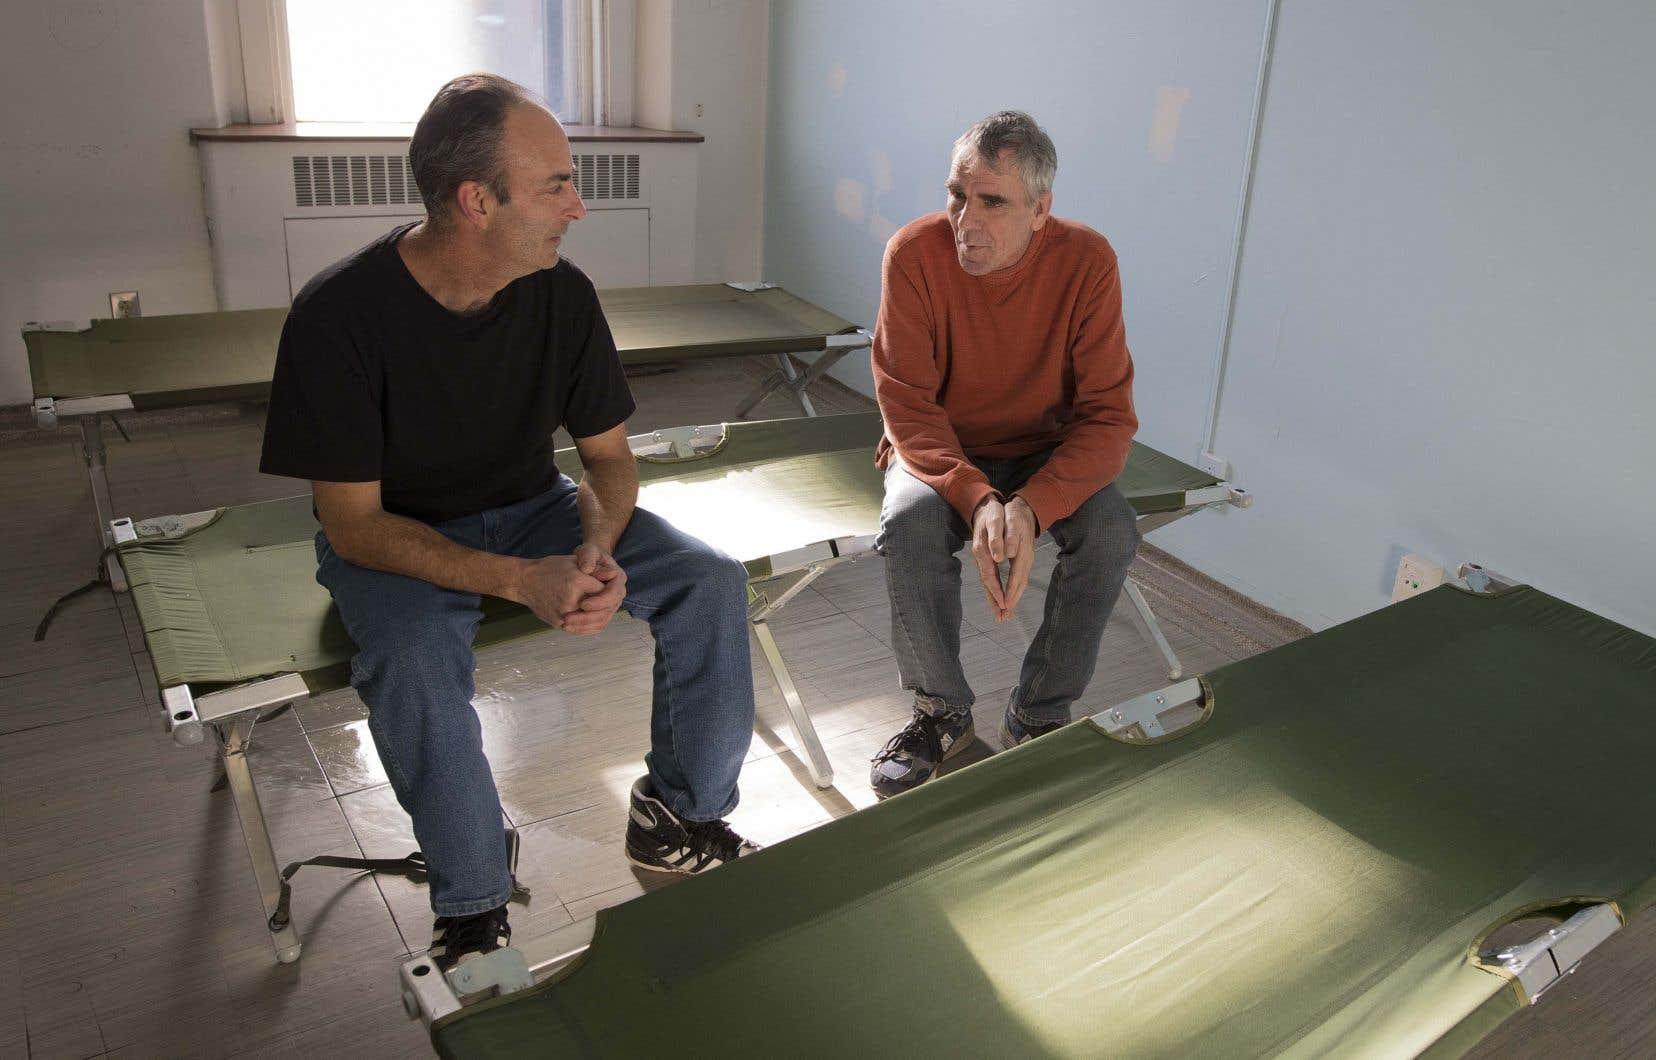 Stéphane Houle et Richard Dominique s'occupent de l'entretien dans le nouveau centre d'hébergement de l'ancien Royal Victoria.